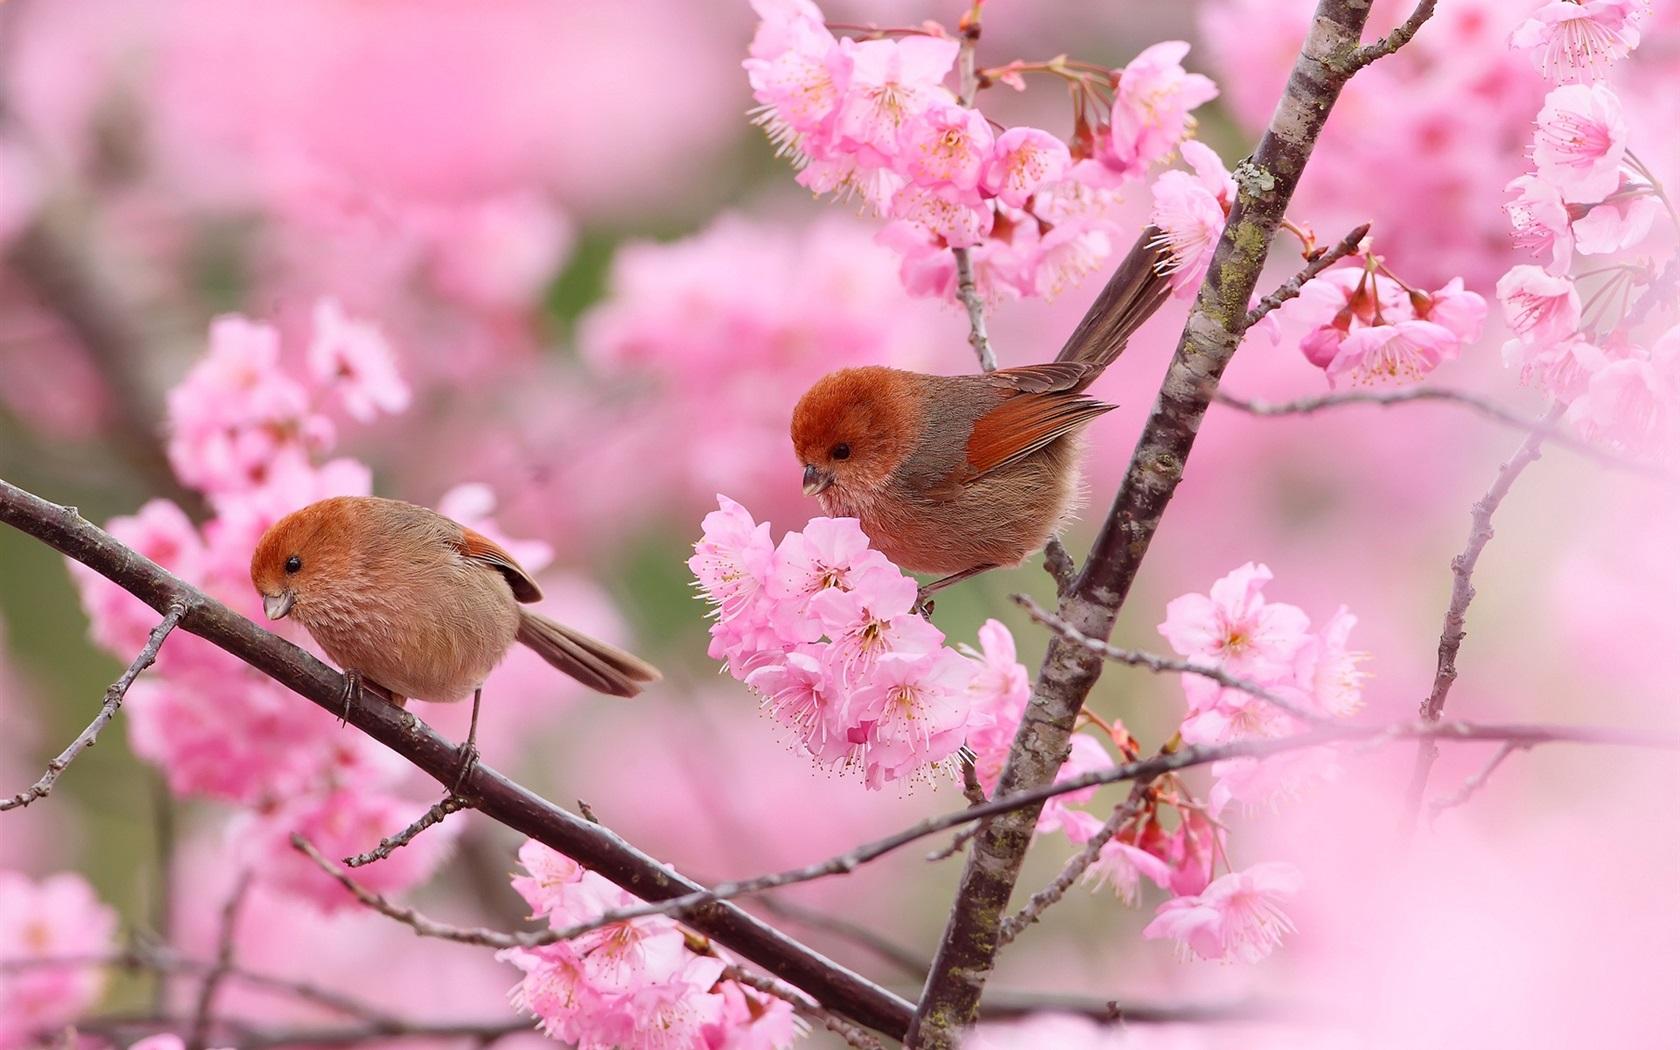 кто заботится красивые позитивные картинки про весну если совместить